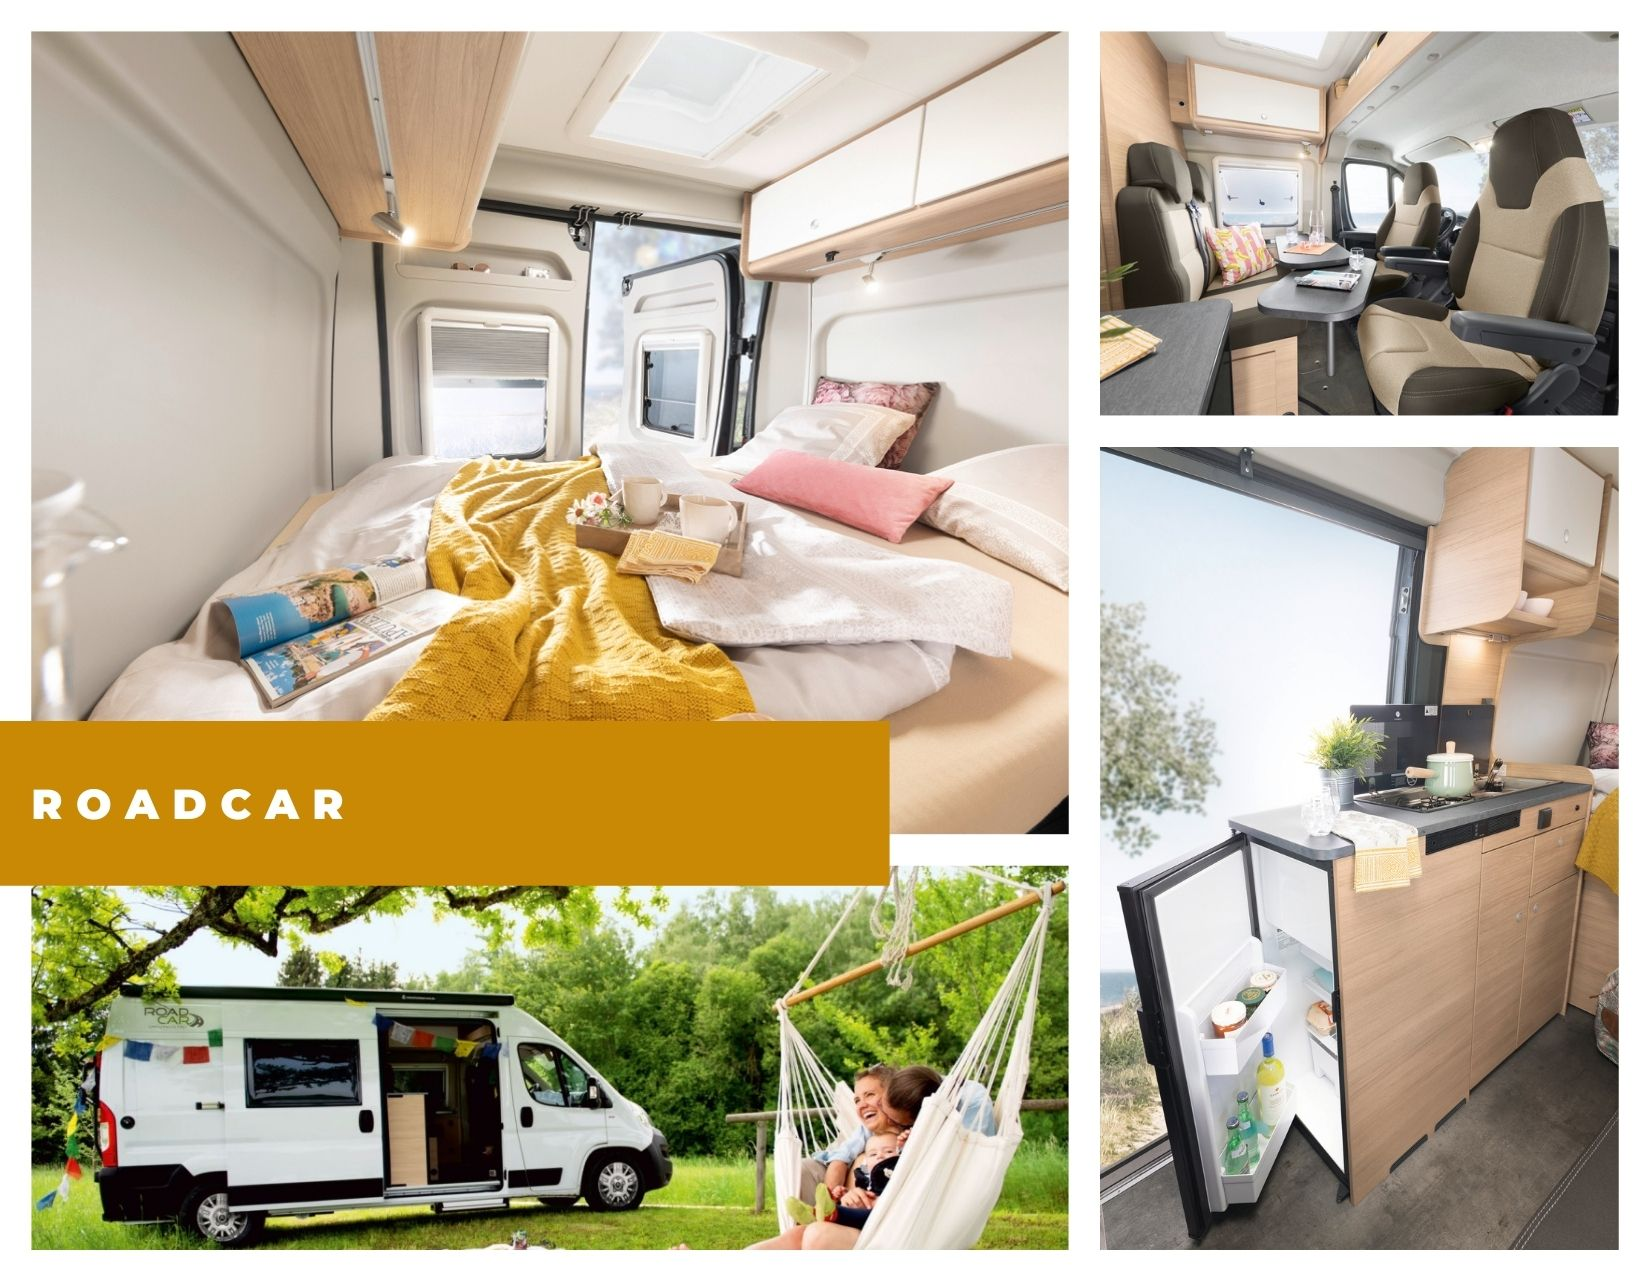 Roadcar R540 con techo elevable